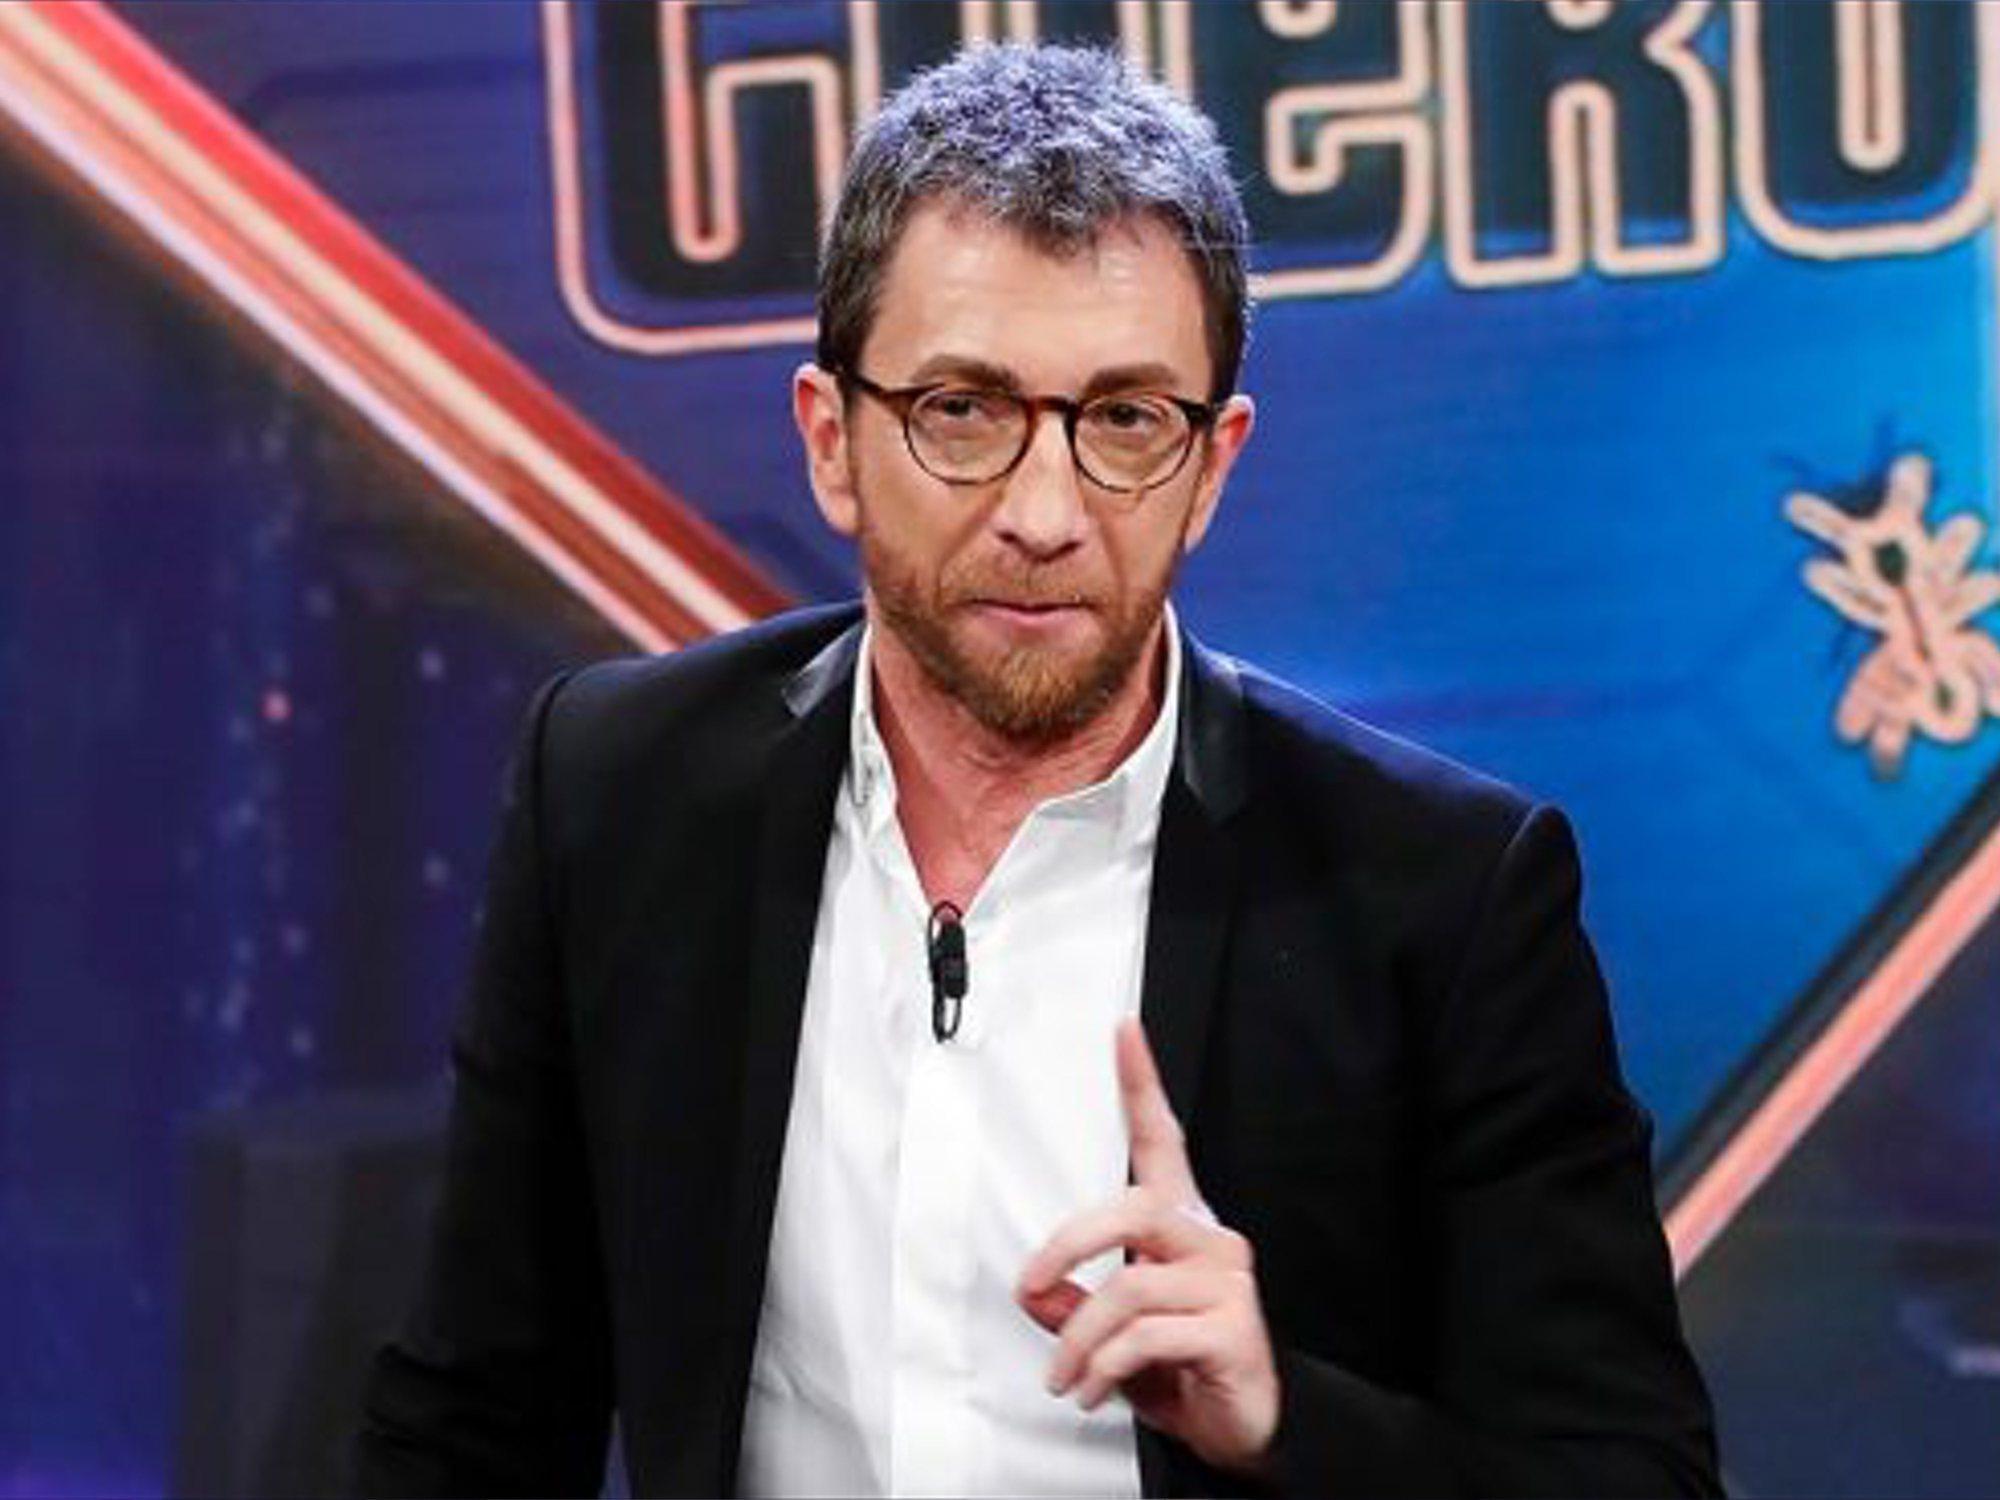 La fortuna millonaria de Pablo Motos: de limpiacristales al mejor pagado de la televisión